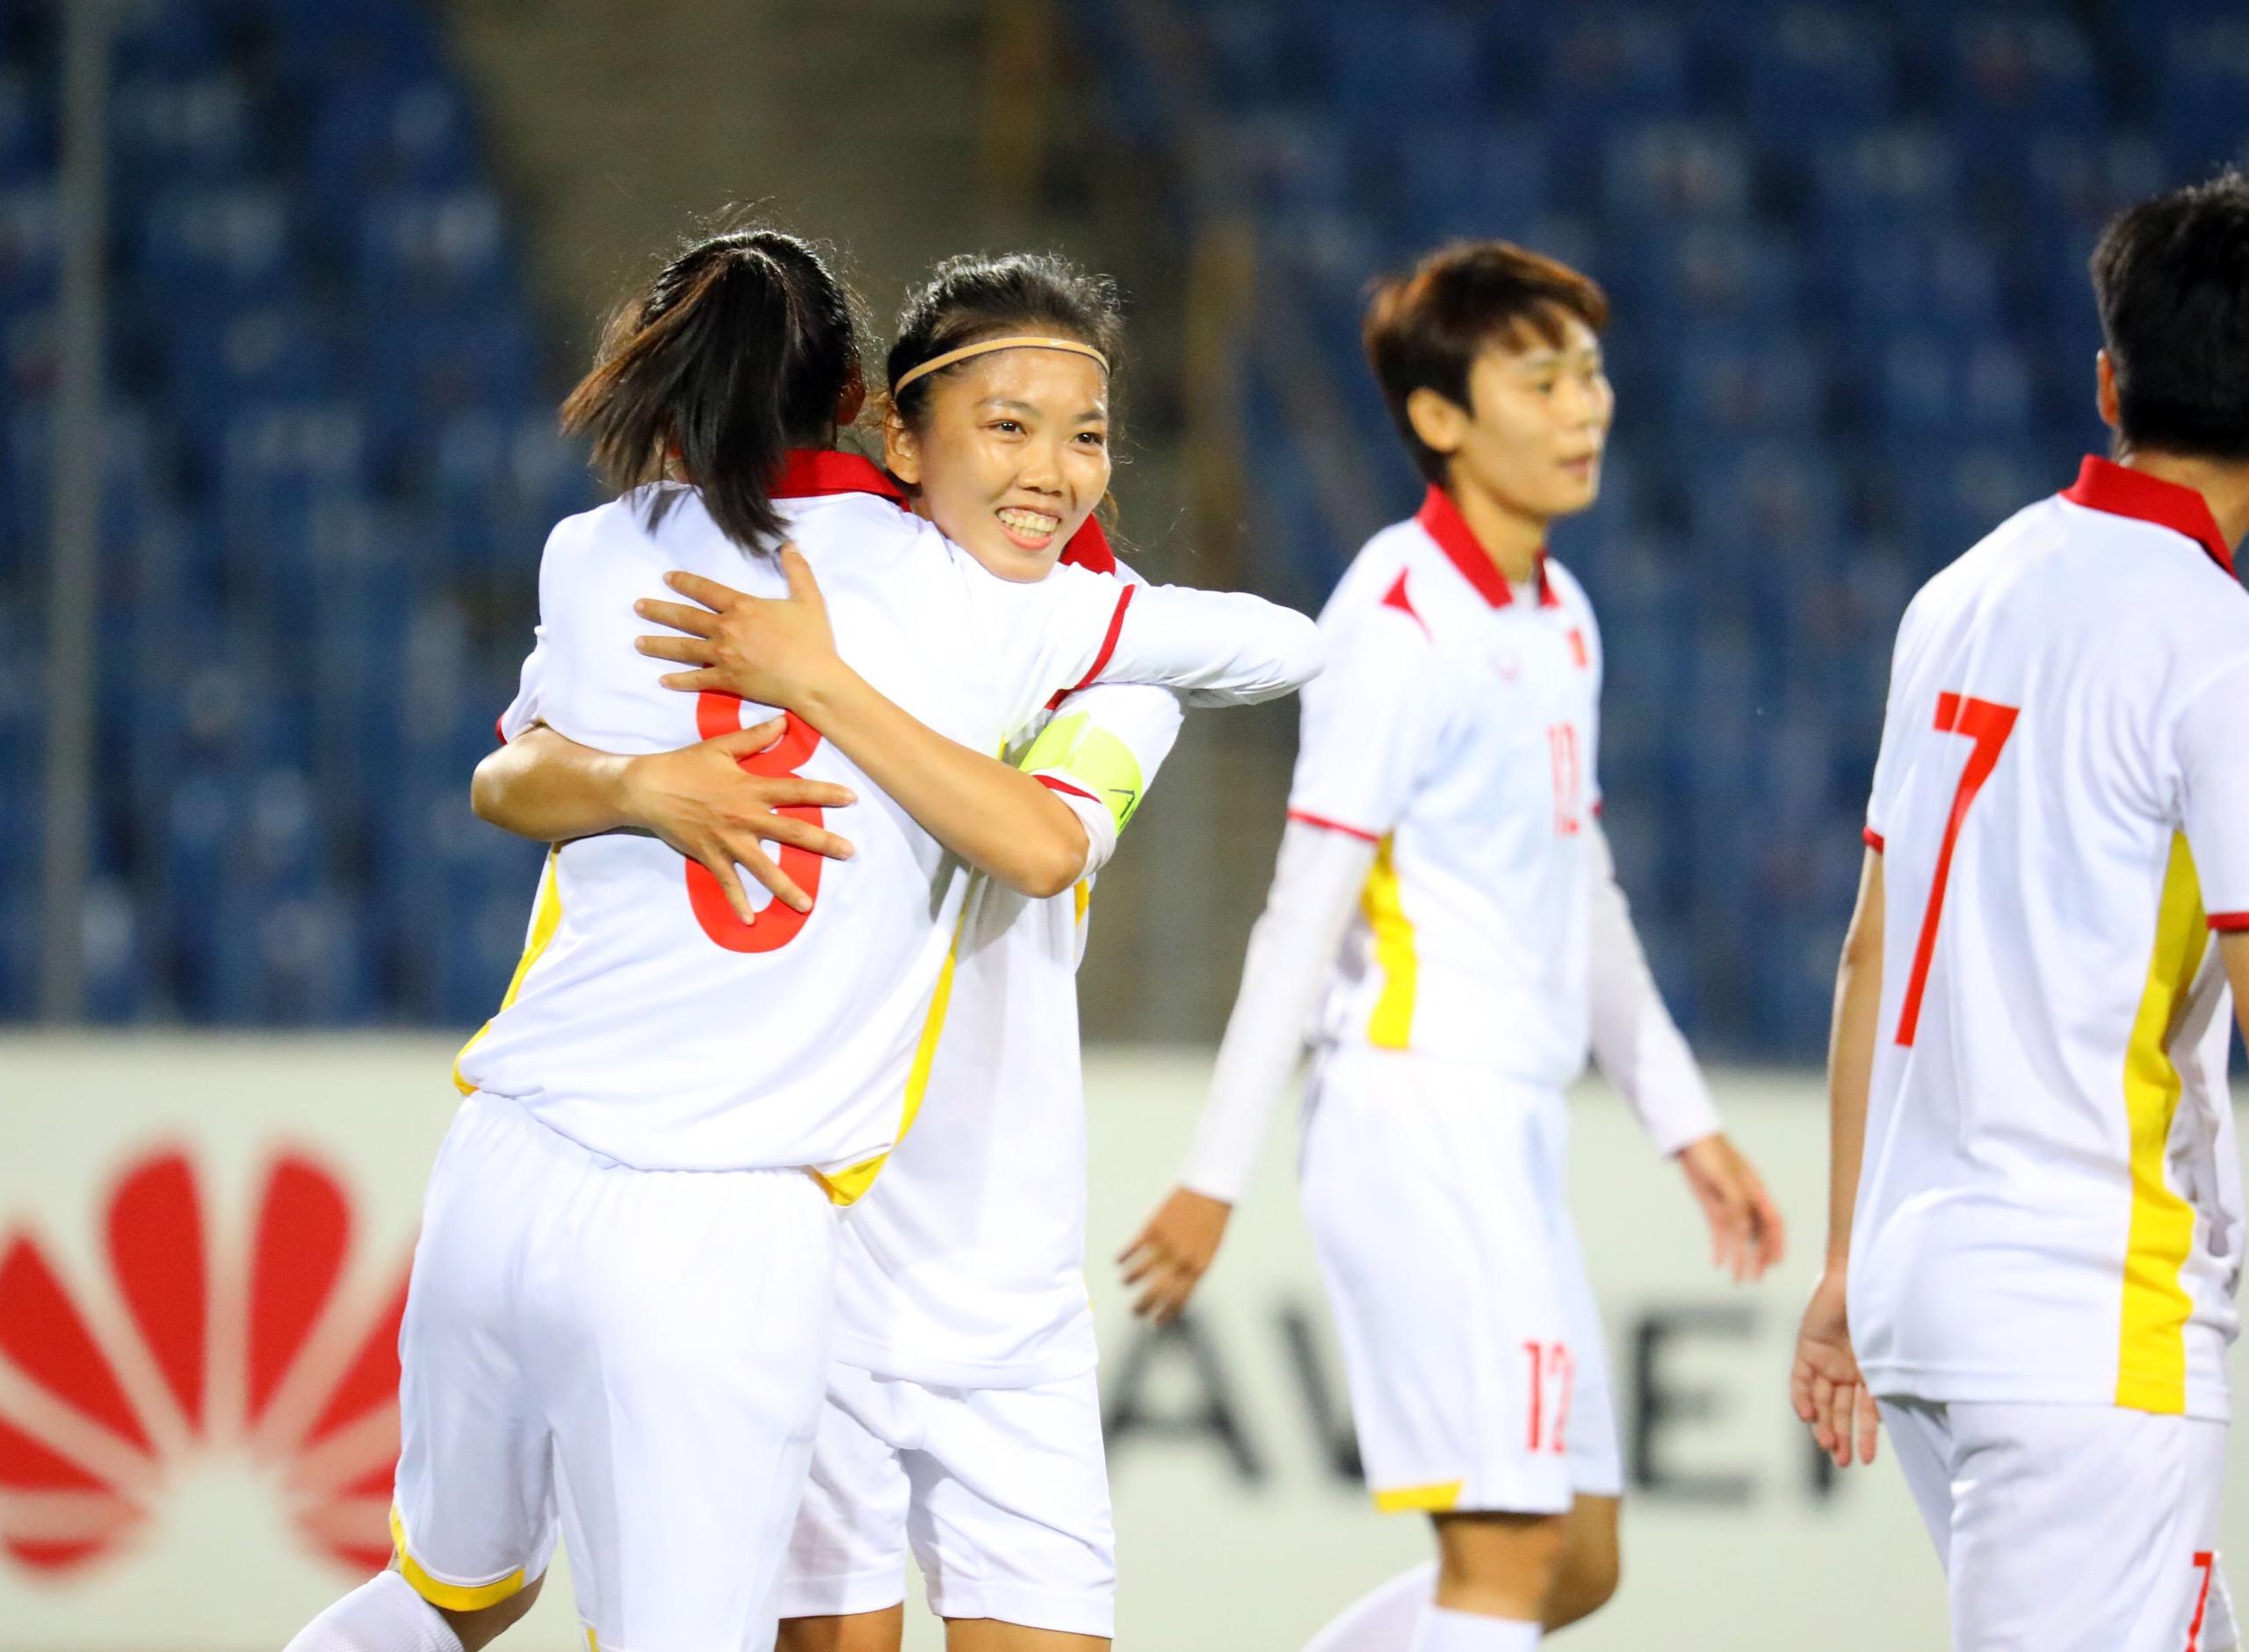 Tuyển nữ Việt Nam và cơ hội giành tấm vé dự World Cup nữ 2023